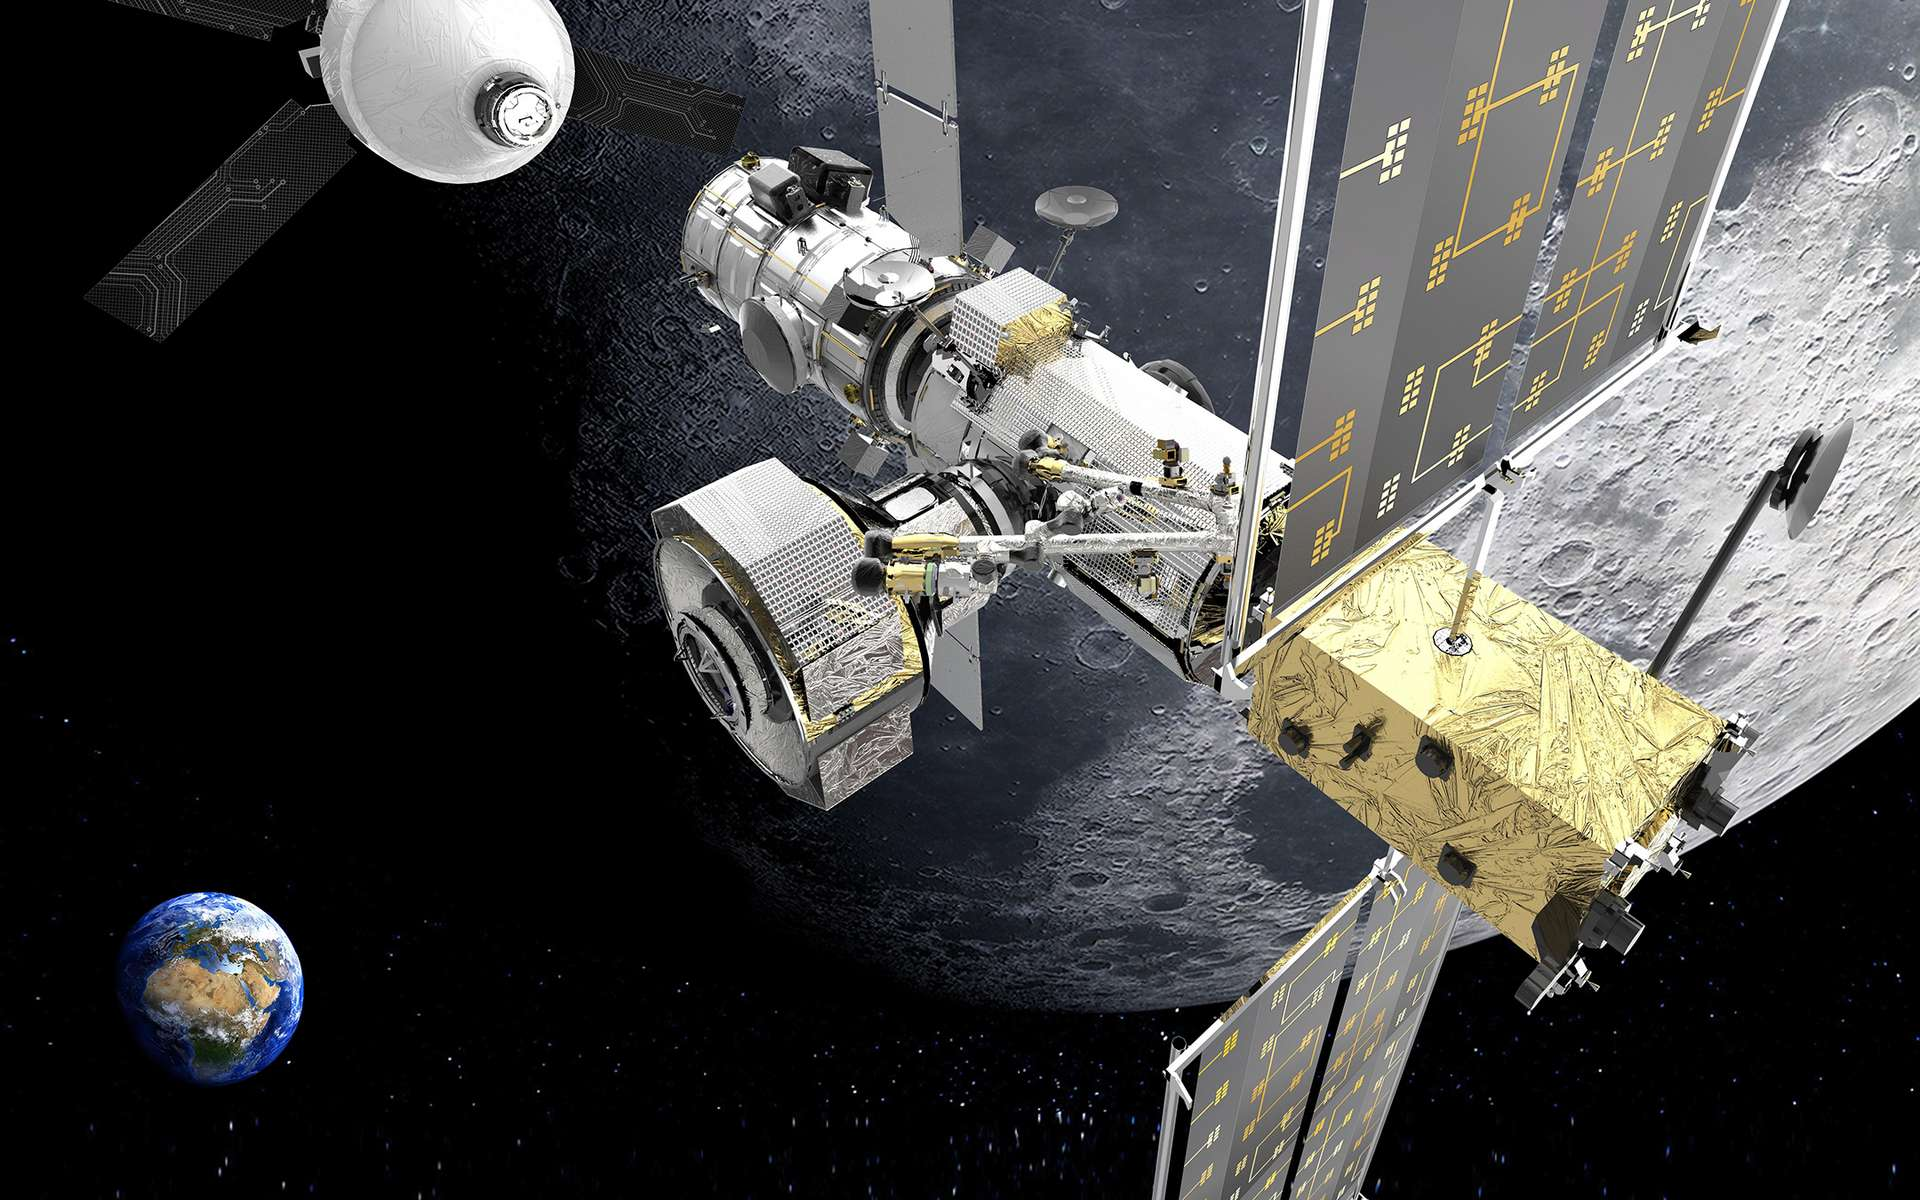 Vue d'artiste du Gateway, la petite station spatiale internationale en orbite cis-lunaire. © Thales Alenia Space